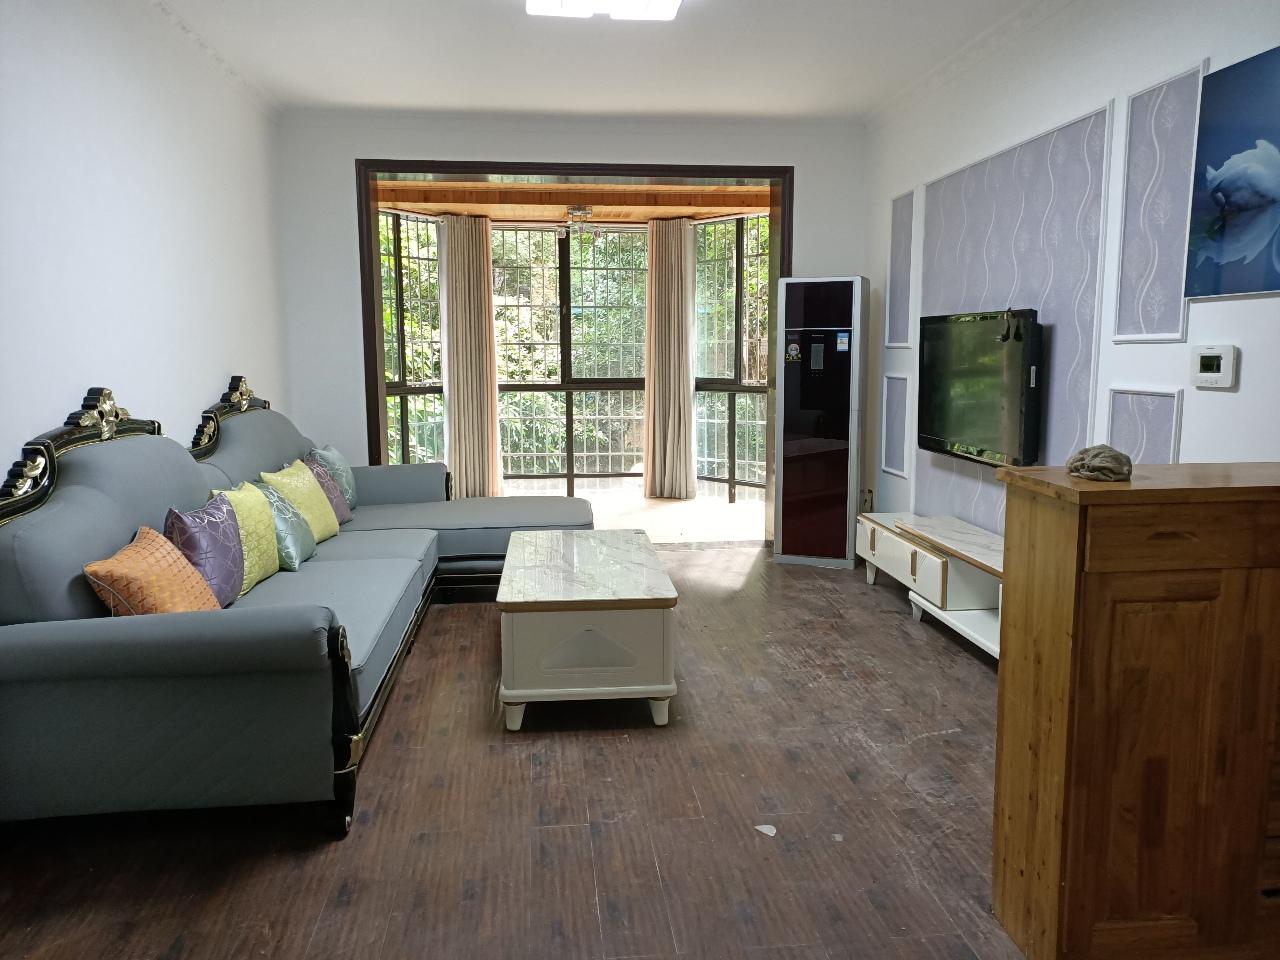 恒利国际2楼3室 2厅 1卫62.8万元